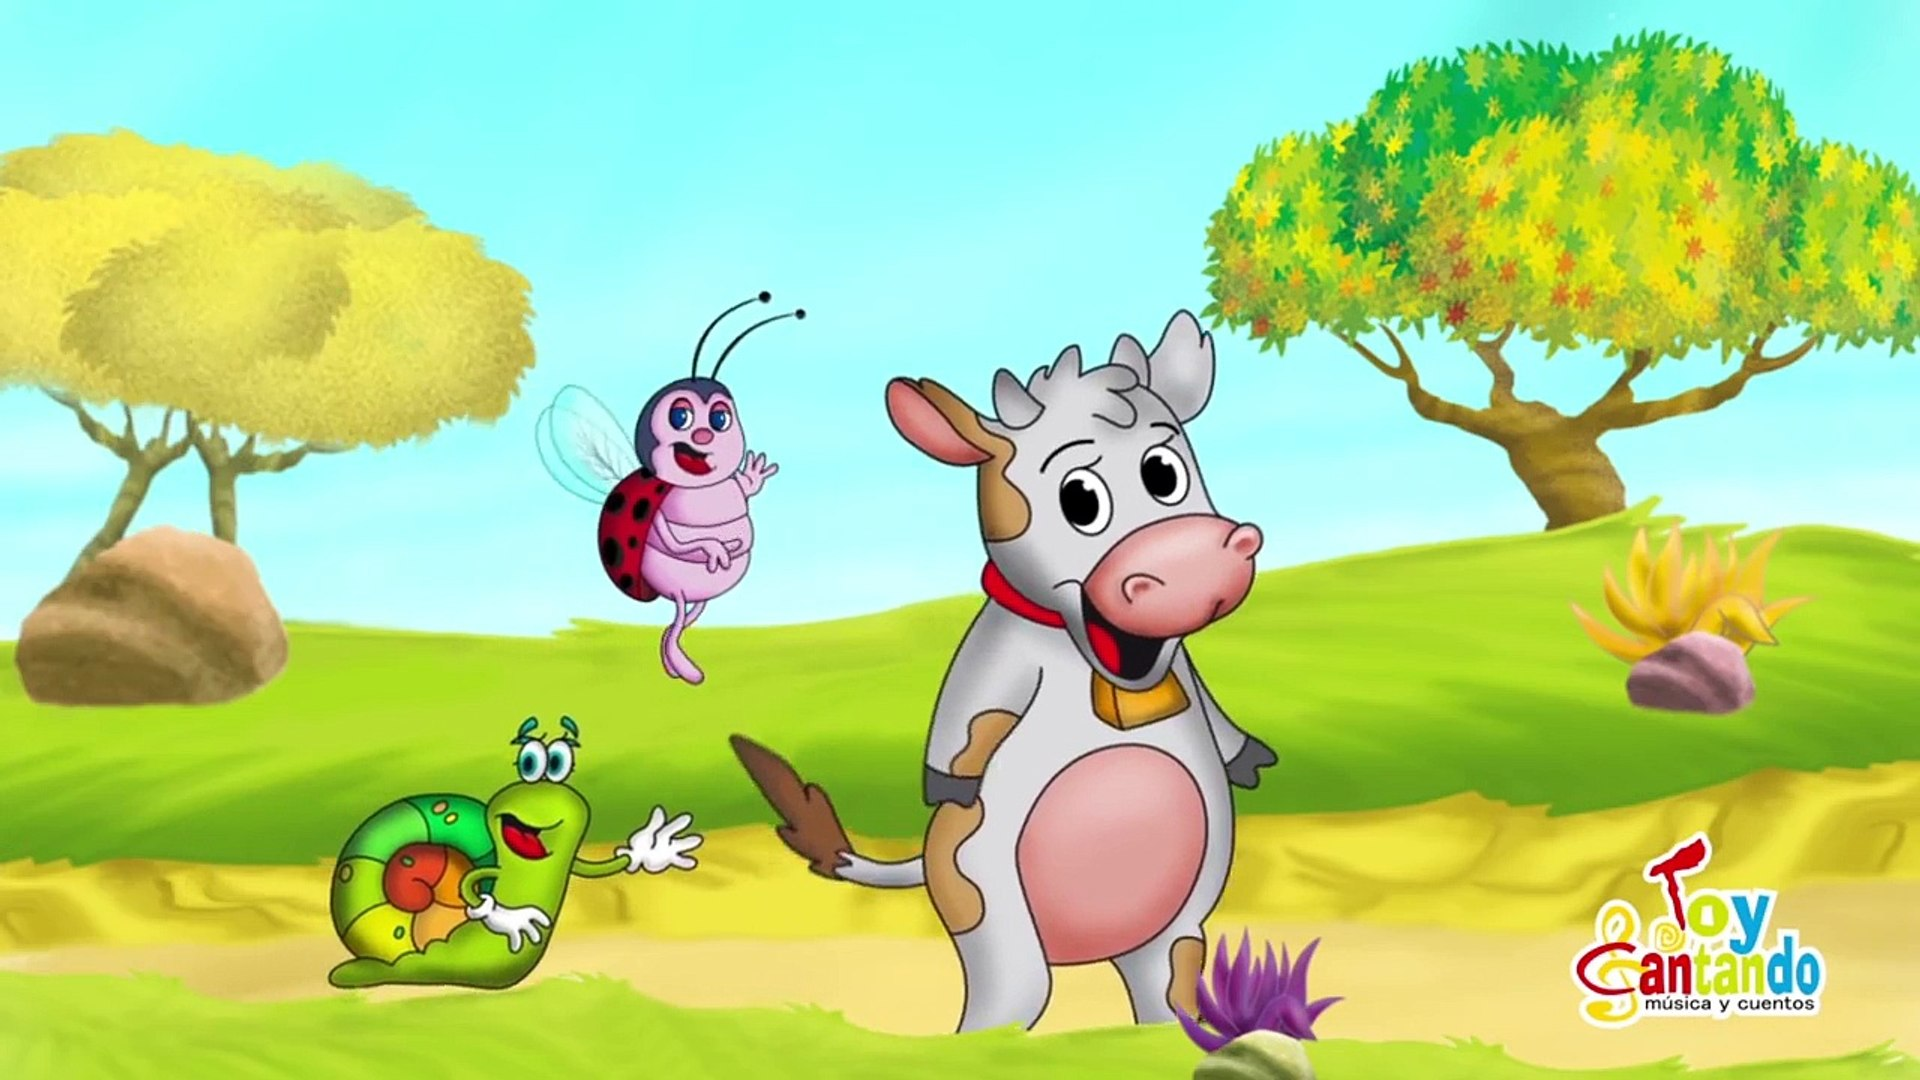 La Vaca Lechera Canción Infantil Dailymotion Video